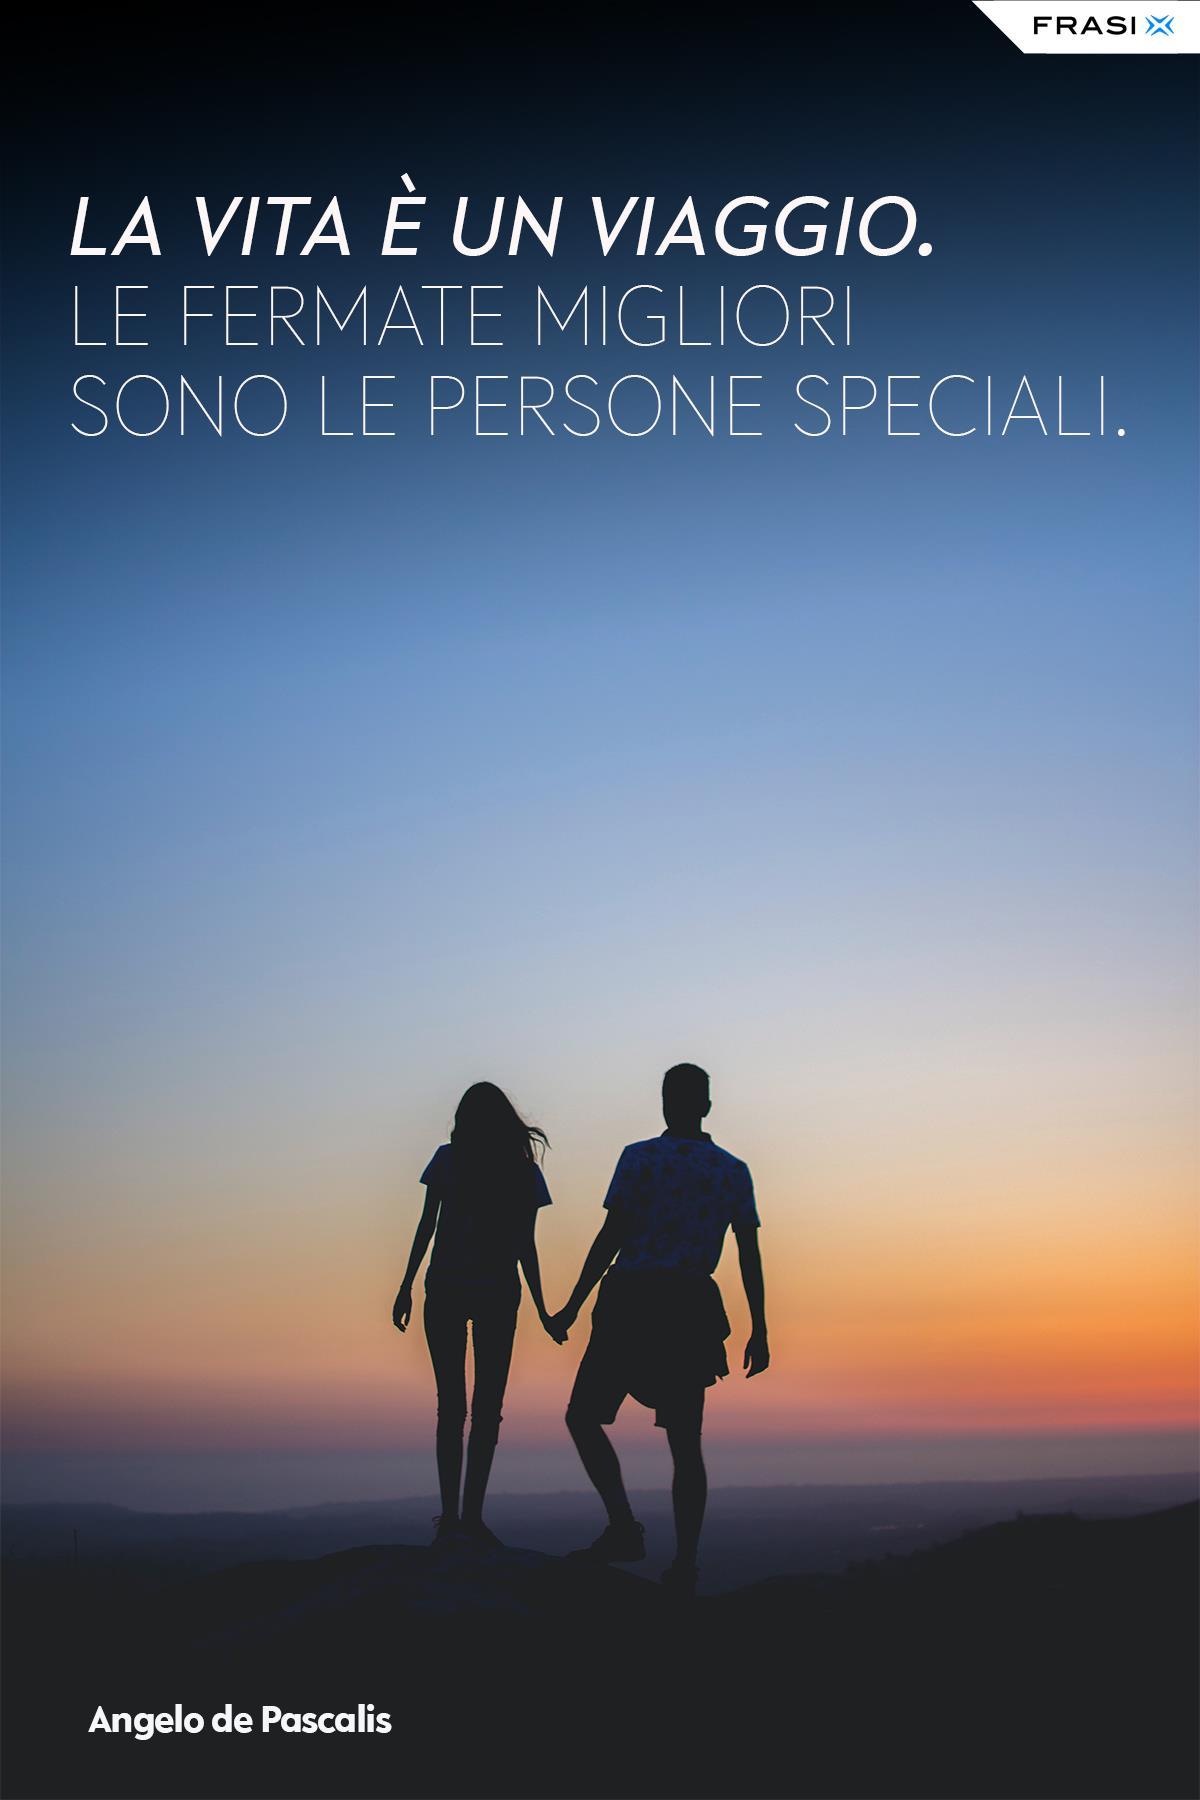 Frasi d'amore per Stato Whatsapp Angelo de Pascalis